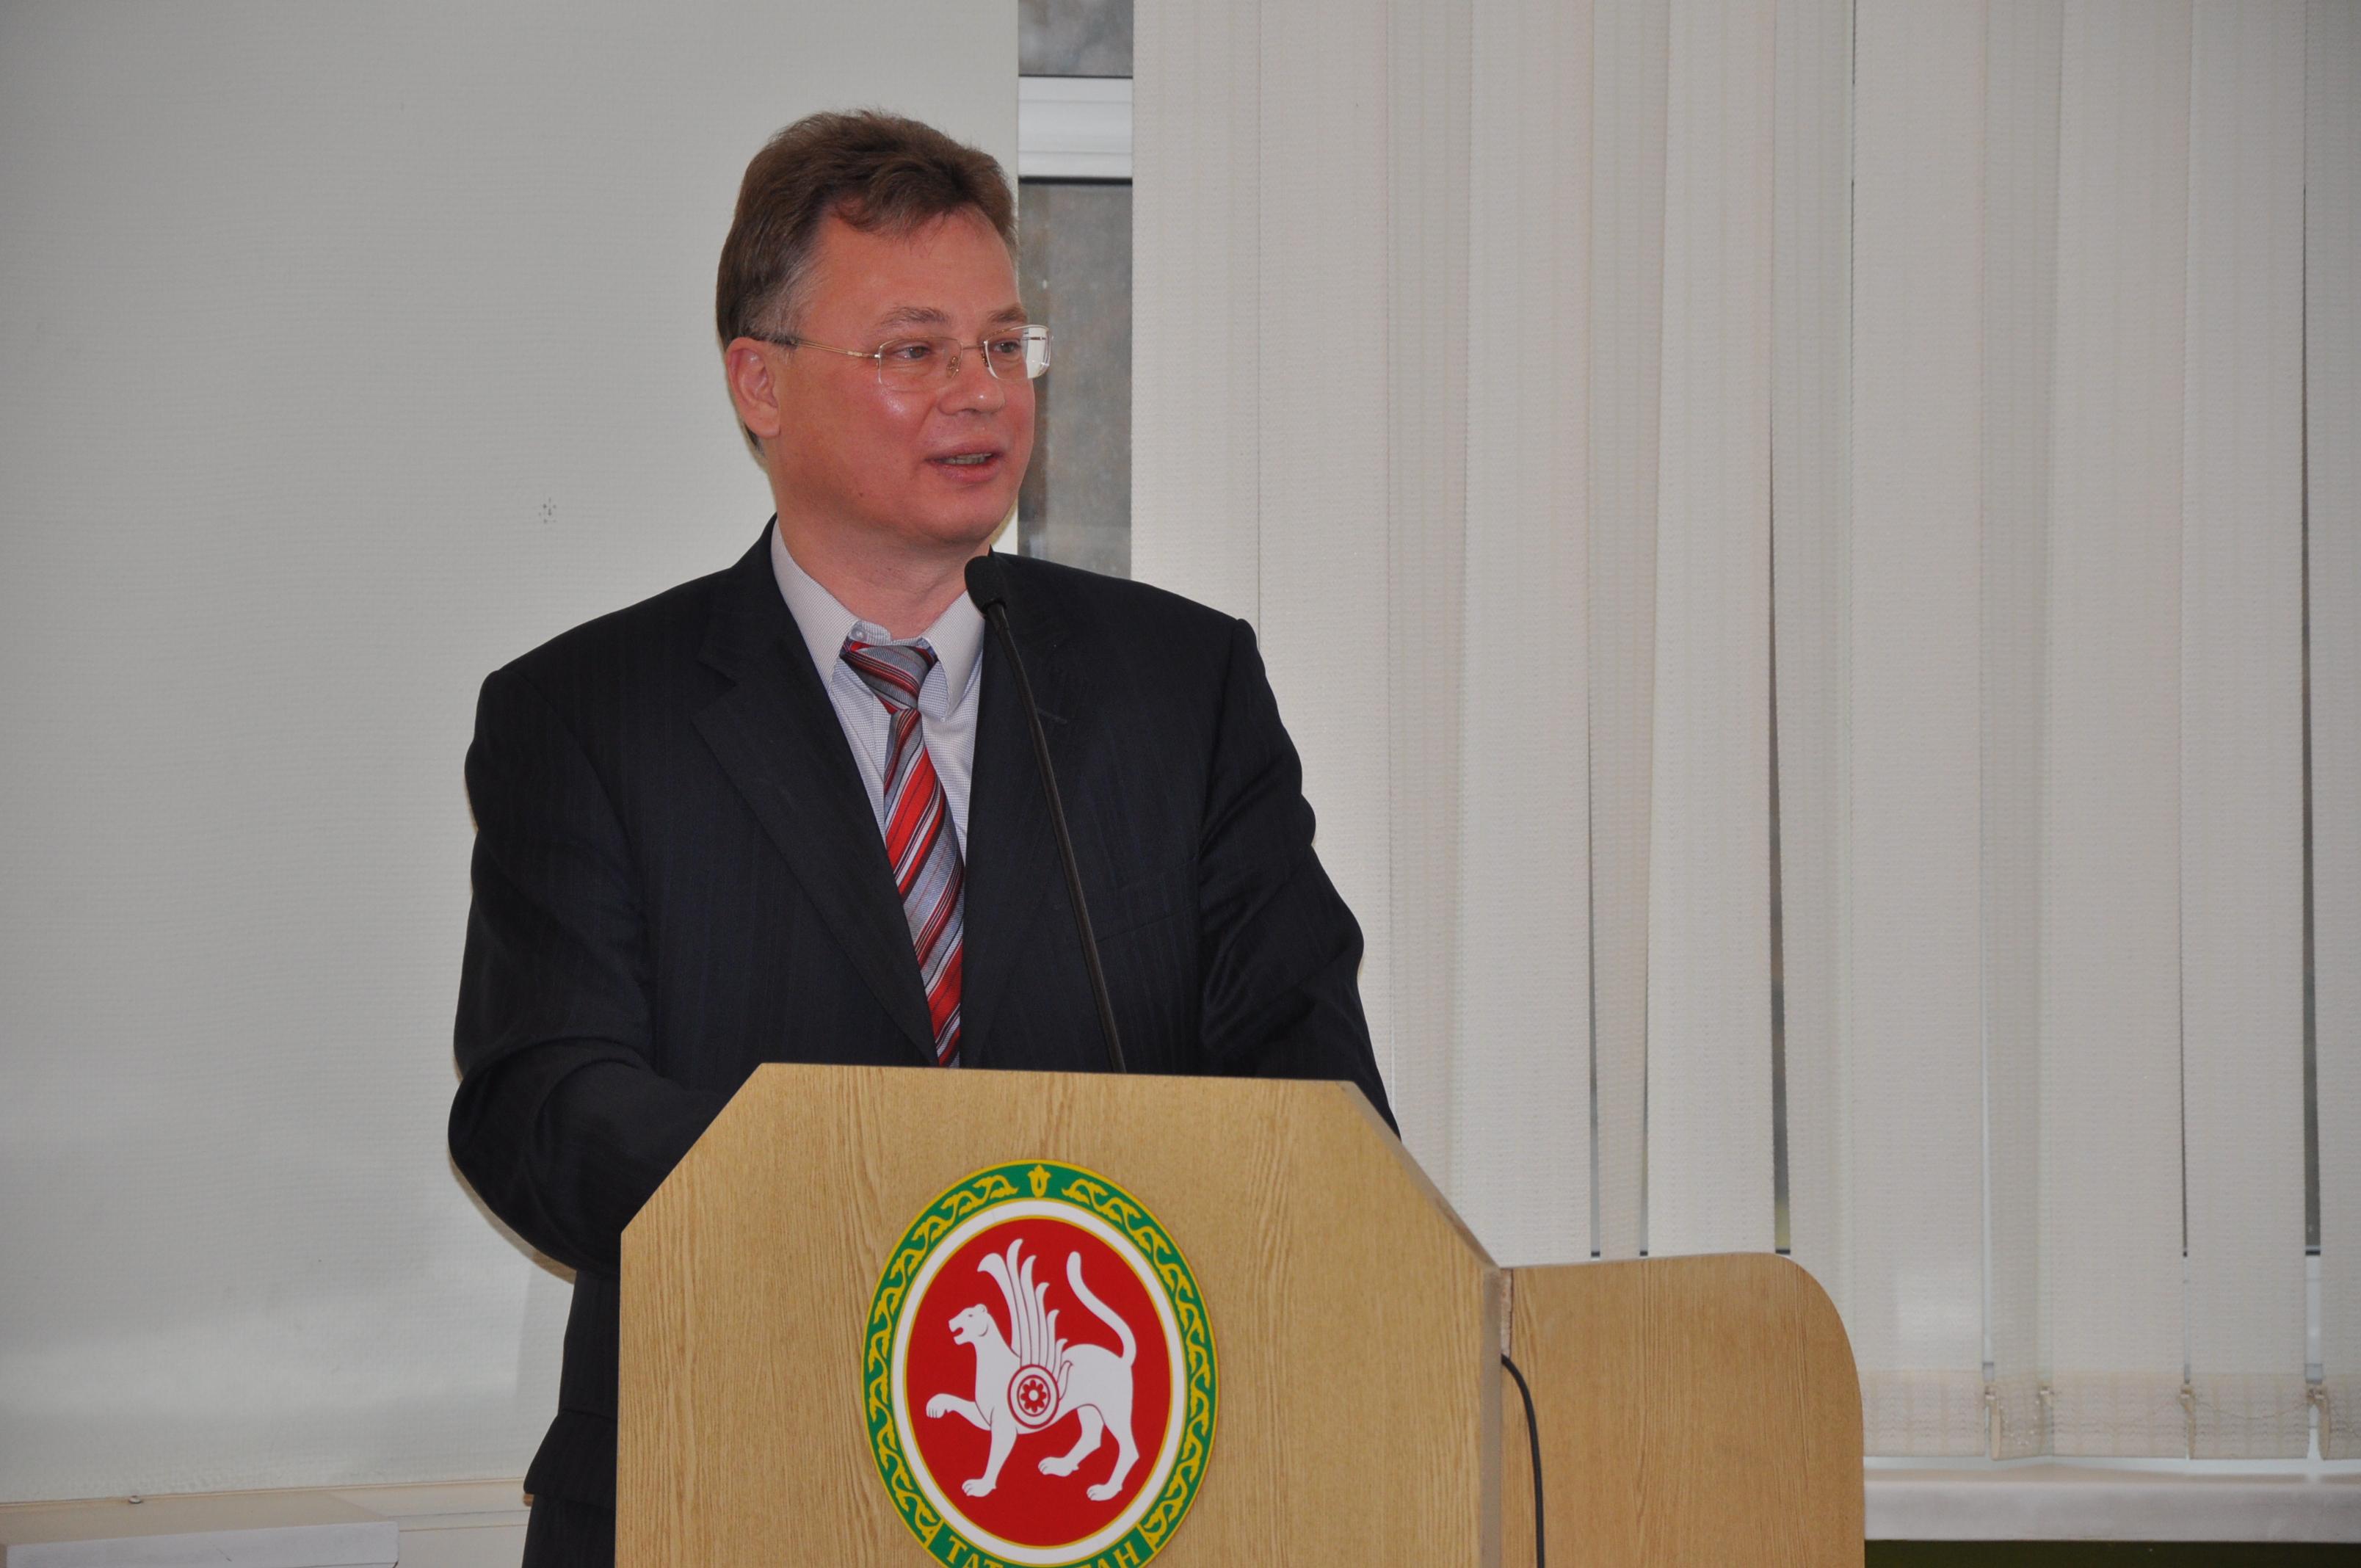 Ректор КНИТУ-КХТИ заработал в 2015 году 4,5 млн рублей